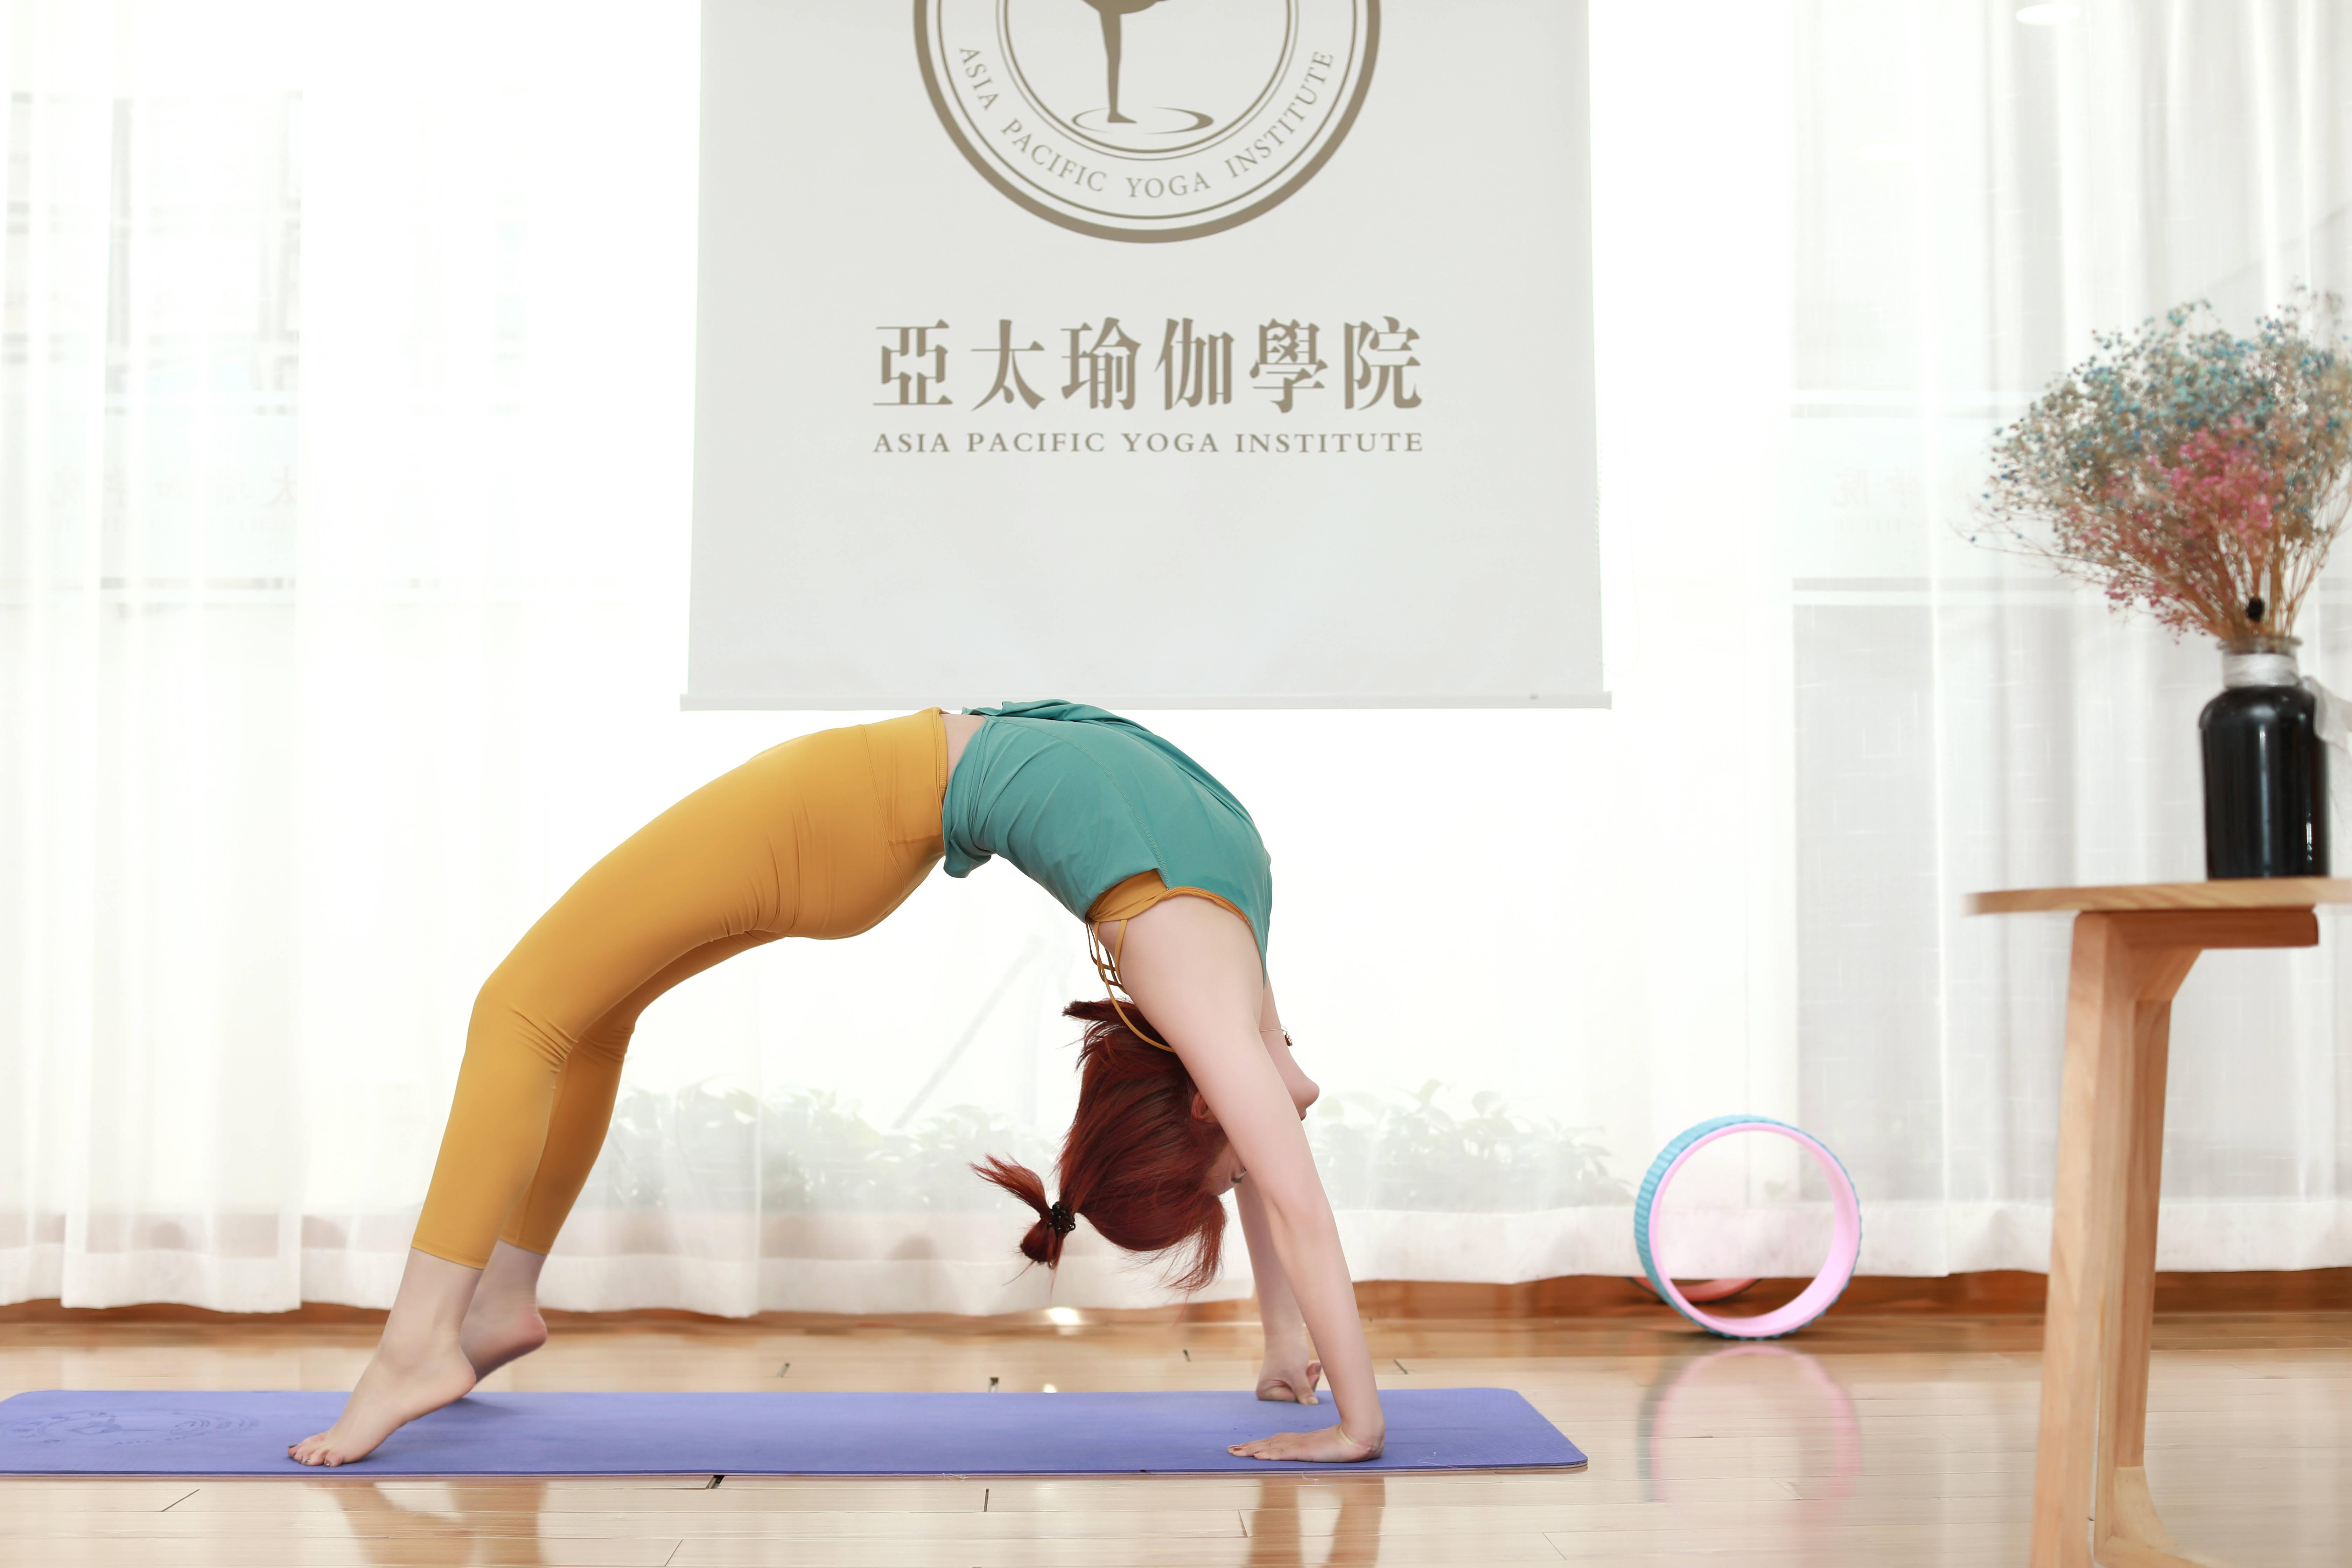 私人瑜伽教练林枫林秦可萱 求书帮私人瑜伽教练